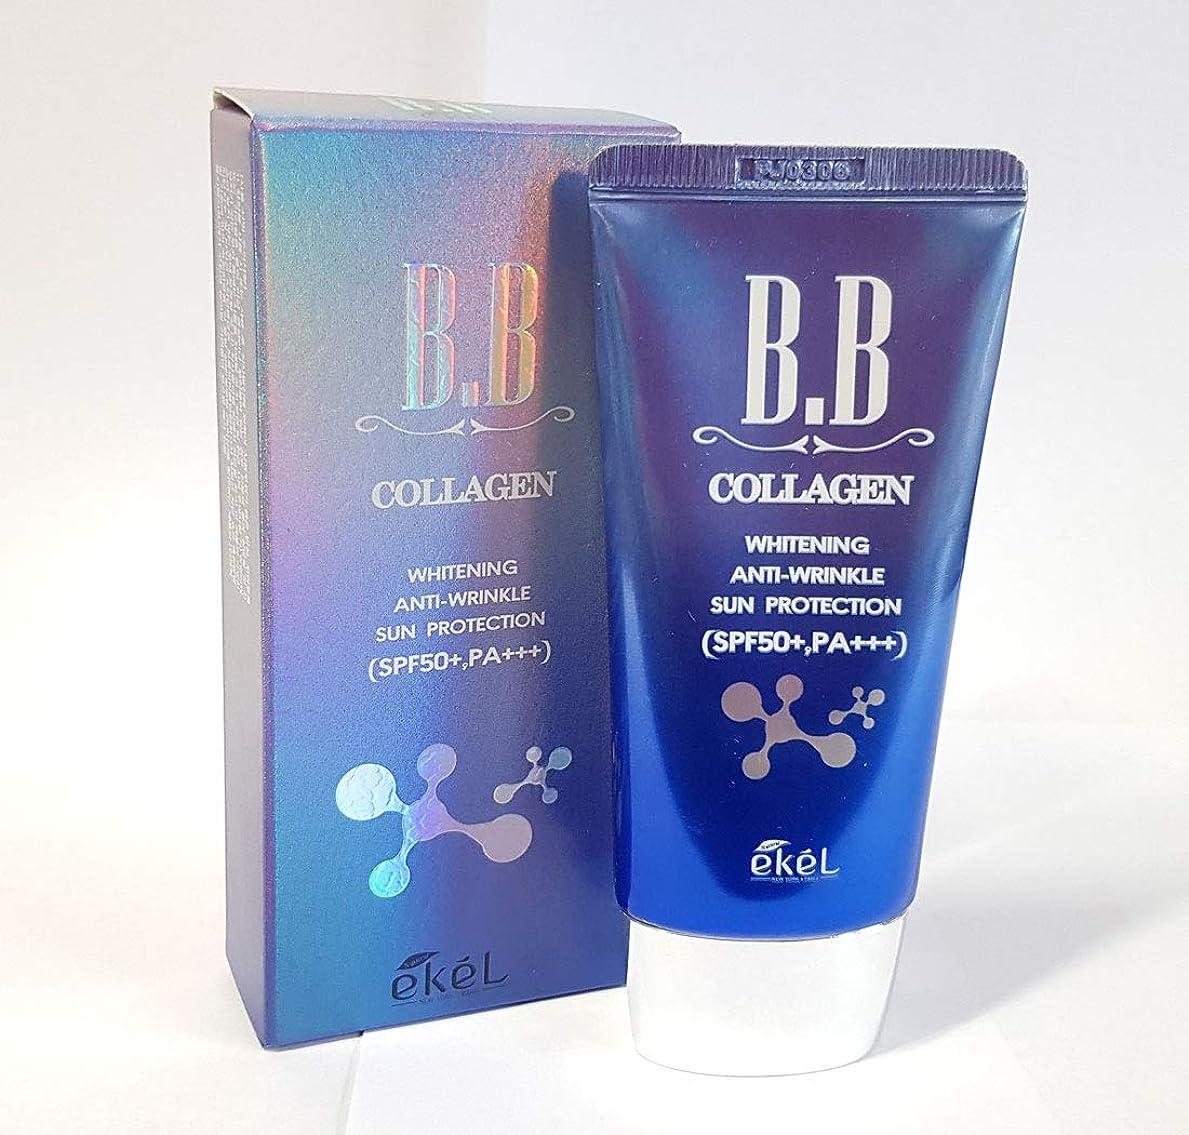 開発後方自伝[EKEL] コラーゲンBBクリーム50ml / Collagen BB Cream 50ml / SPF50+,PA+++ / ホワイトニング、アンチリンクル、サンプロテクション/Whitening, Anti-Wrinkle, Sun protection/韓国化粧品/Korean Cosmetics [並行輸入品]